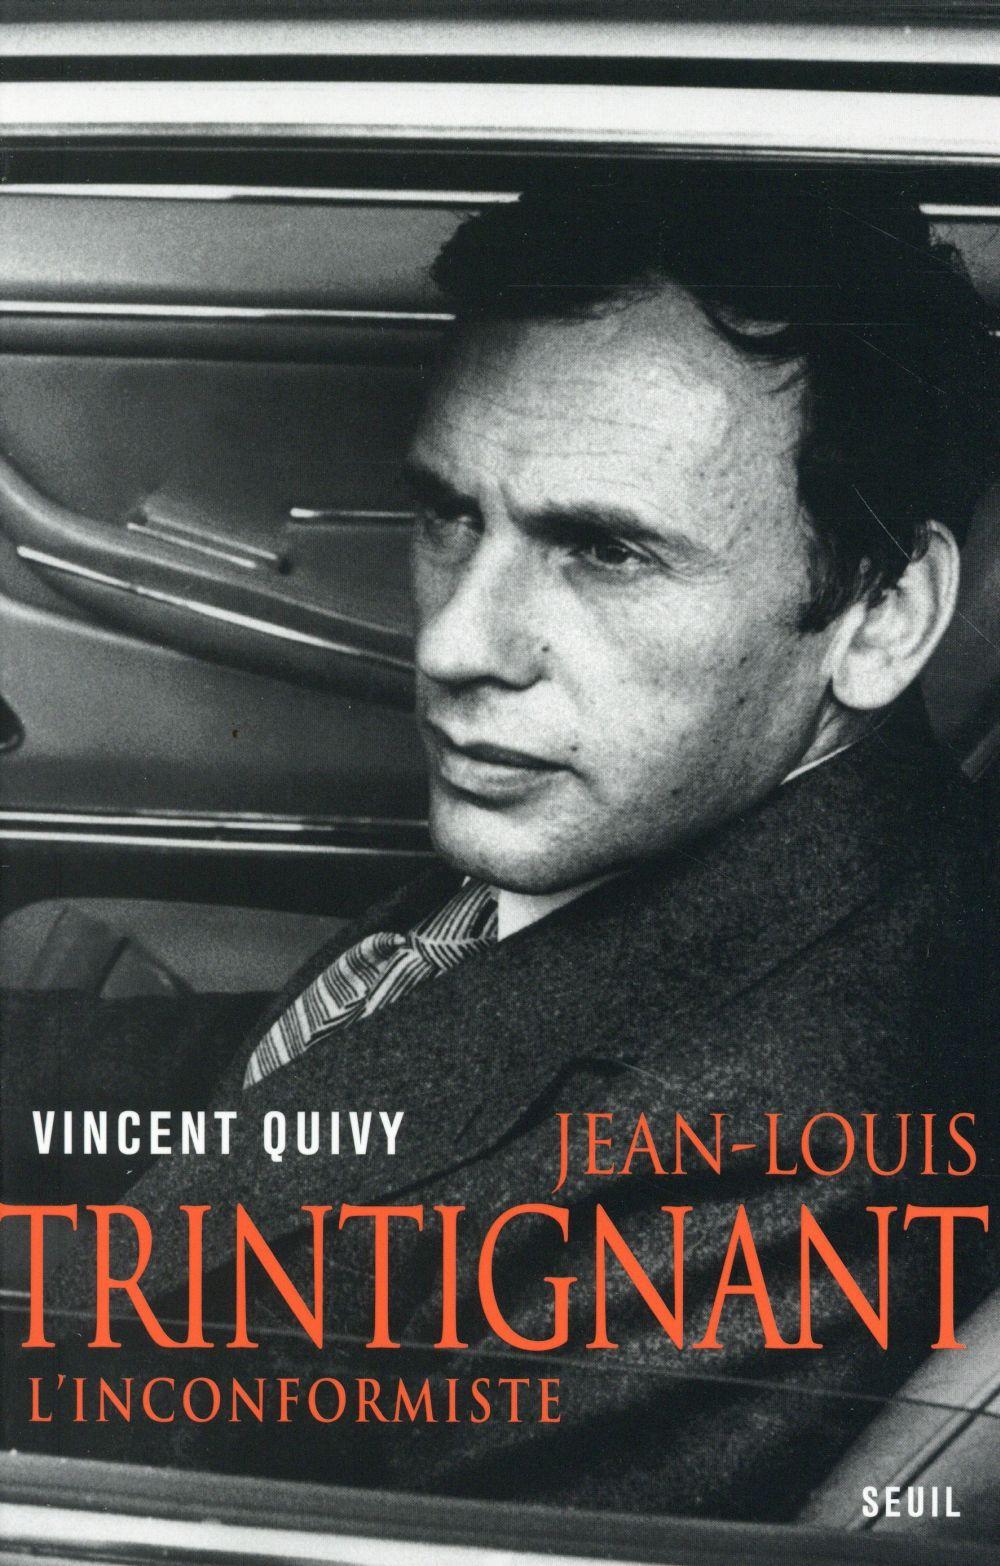 Jean-Louis Trintignant ; l'inconformiste